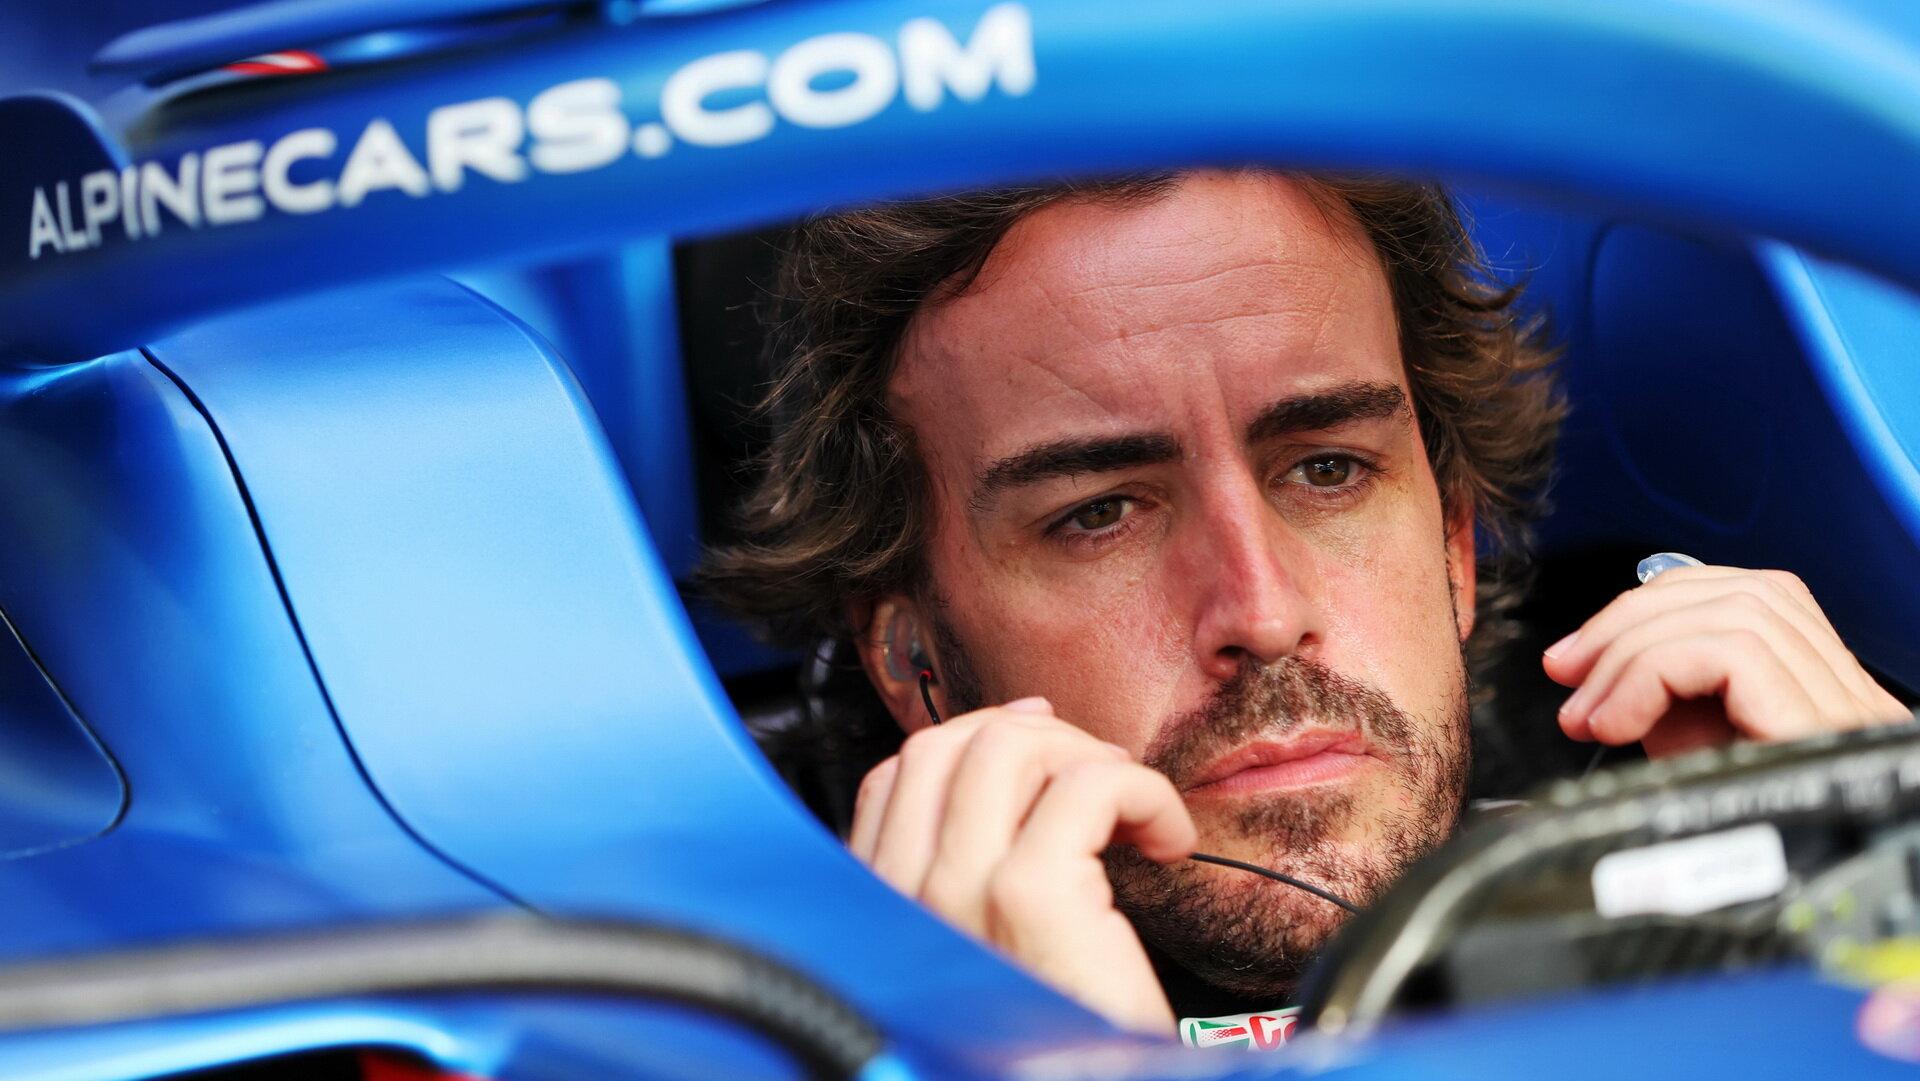 """Fernando Alonso je se začátkem sezóny 2021 u Alpine zatím spokojený: """"Víc jsem si ani přát nemohl"""""""